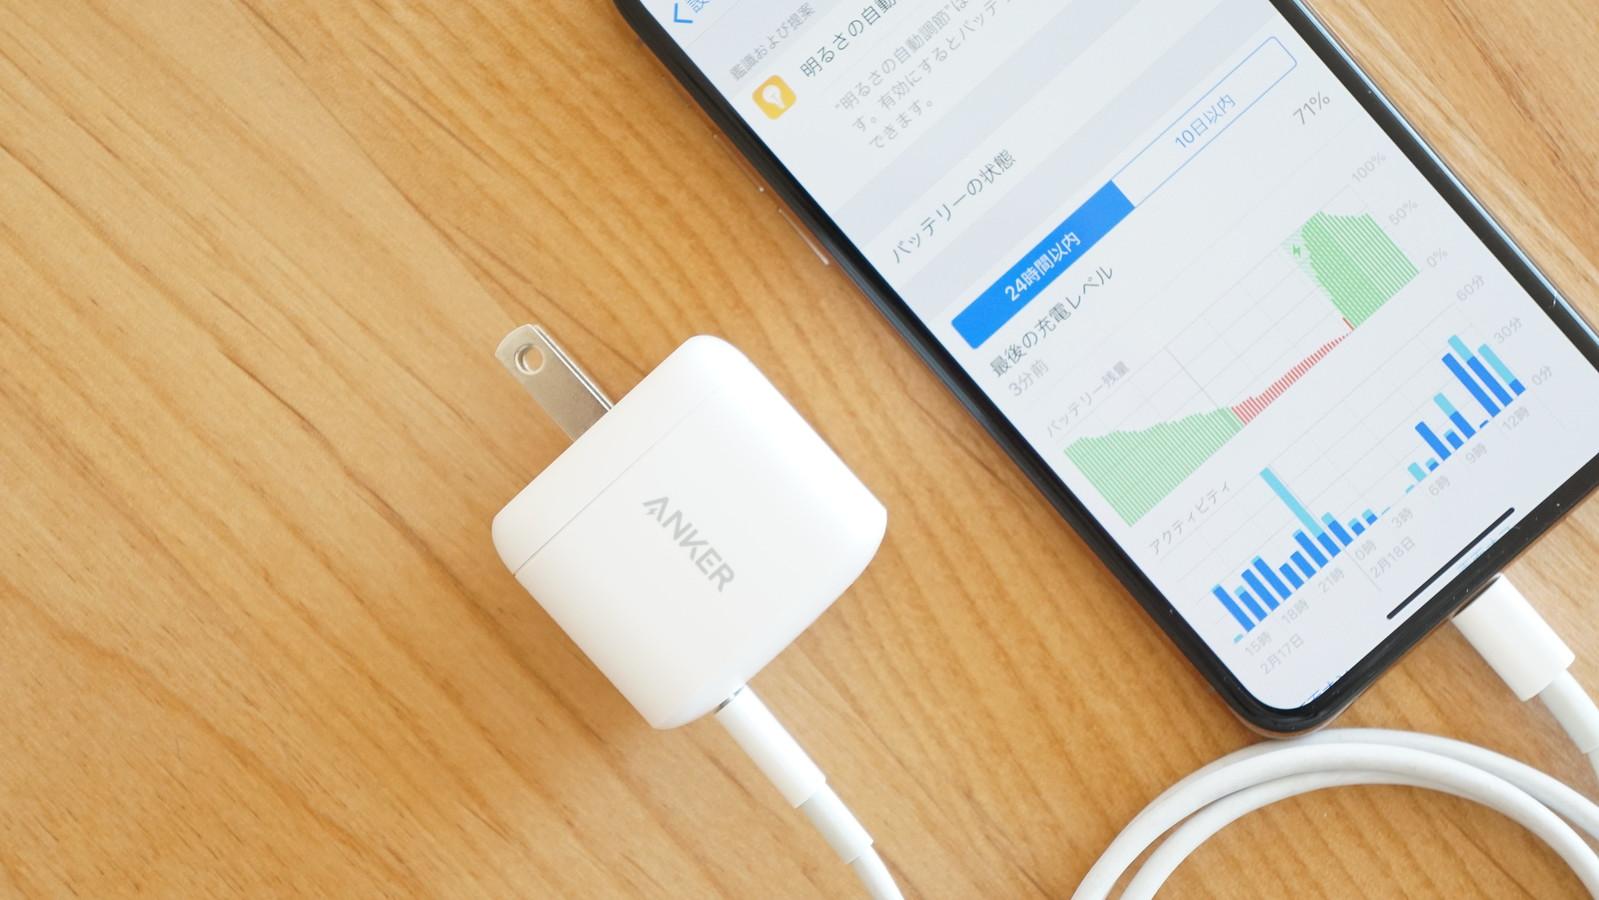 次世代素材GaN採用の超小型USB充電器「Anker PowerPort Atom PD 1」レビュー